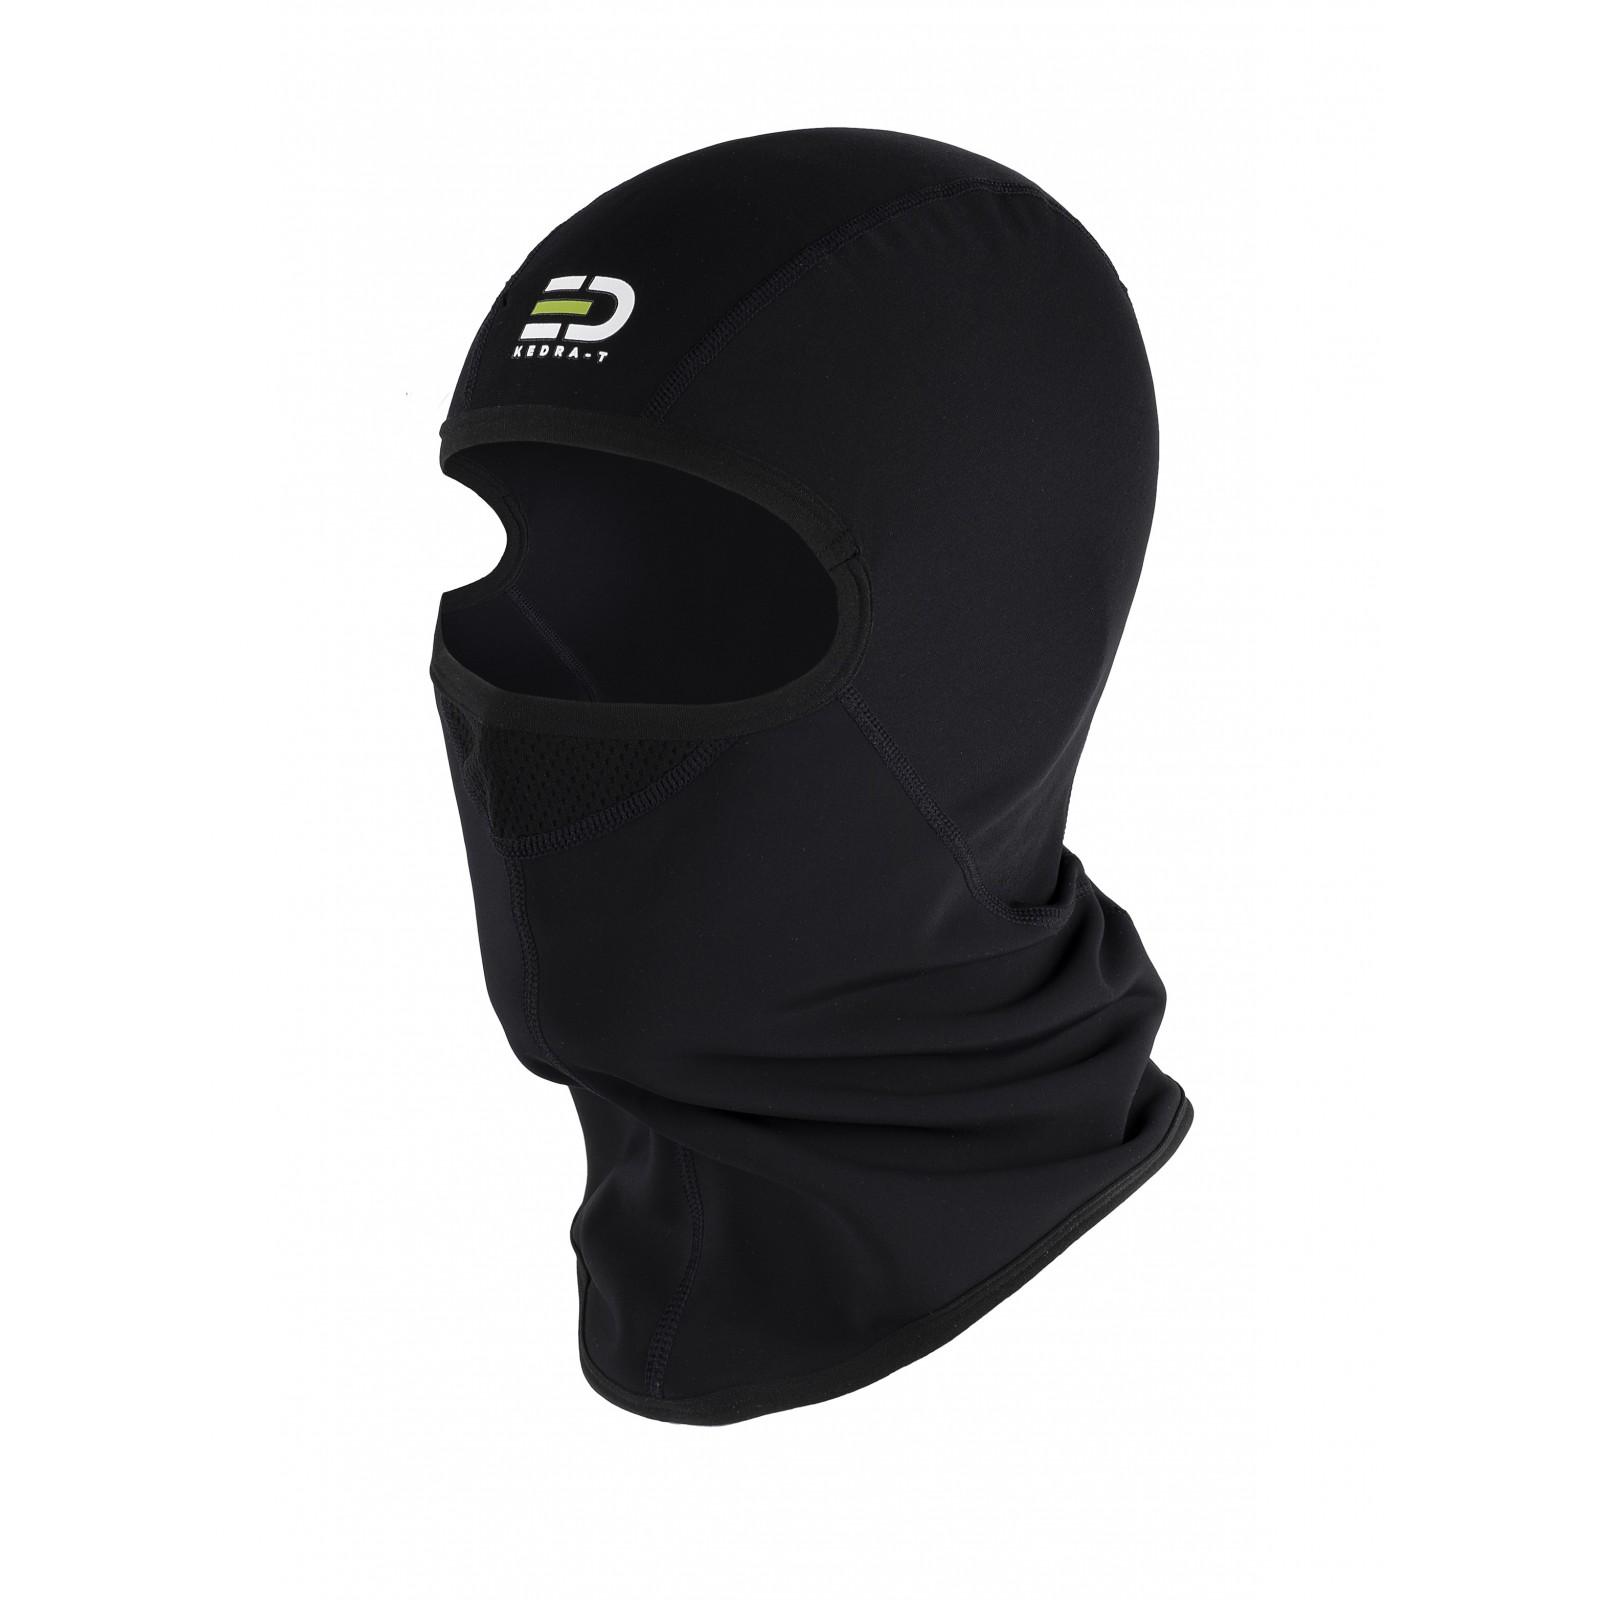 Helmet Liner Technical Fleece Wind&Rain Proof Black